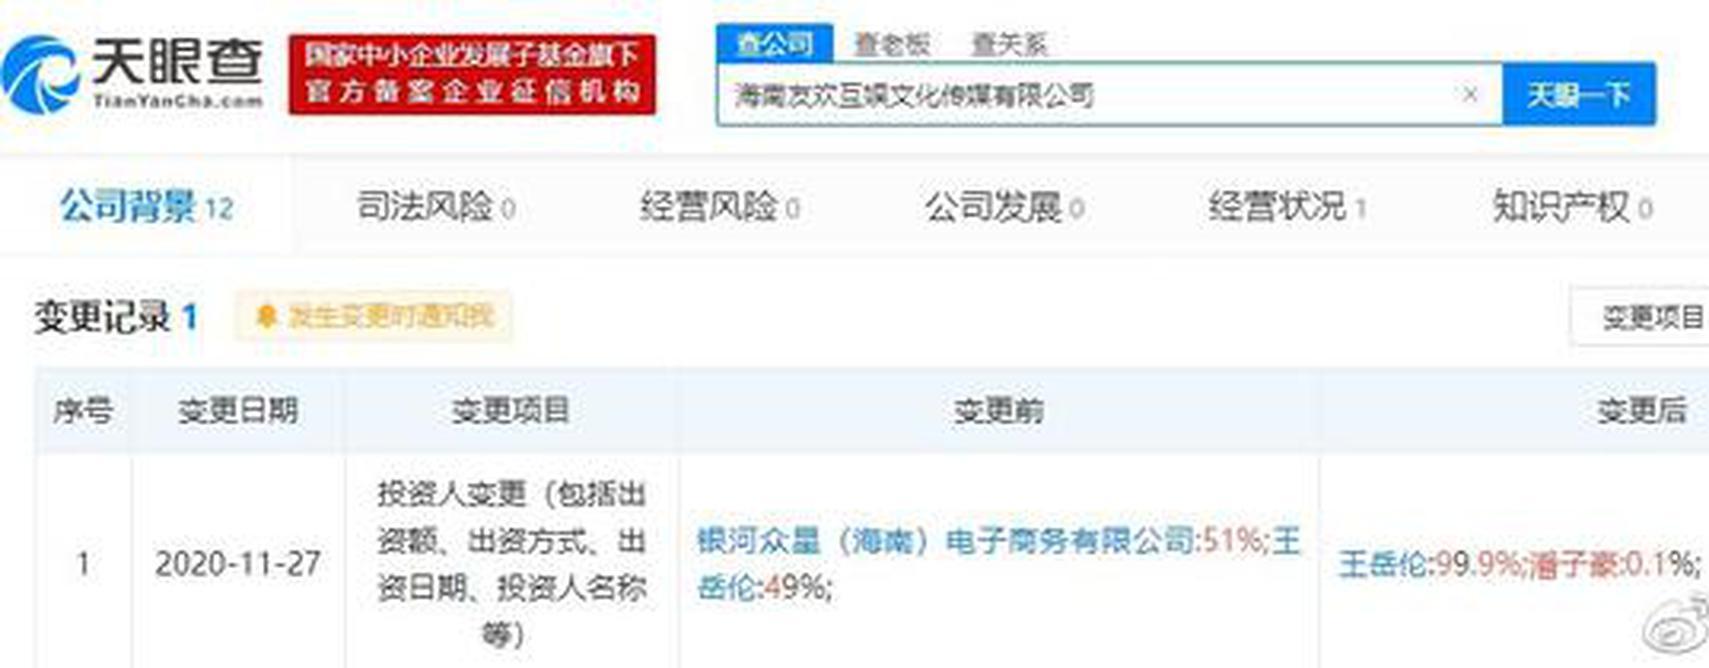 李湘关联公司投资人工商变更 王岳伦成最大股东